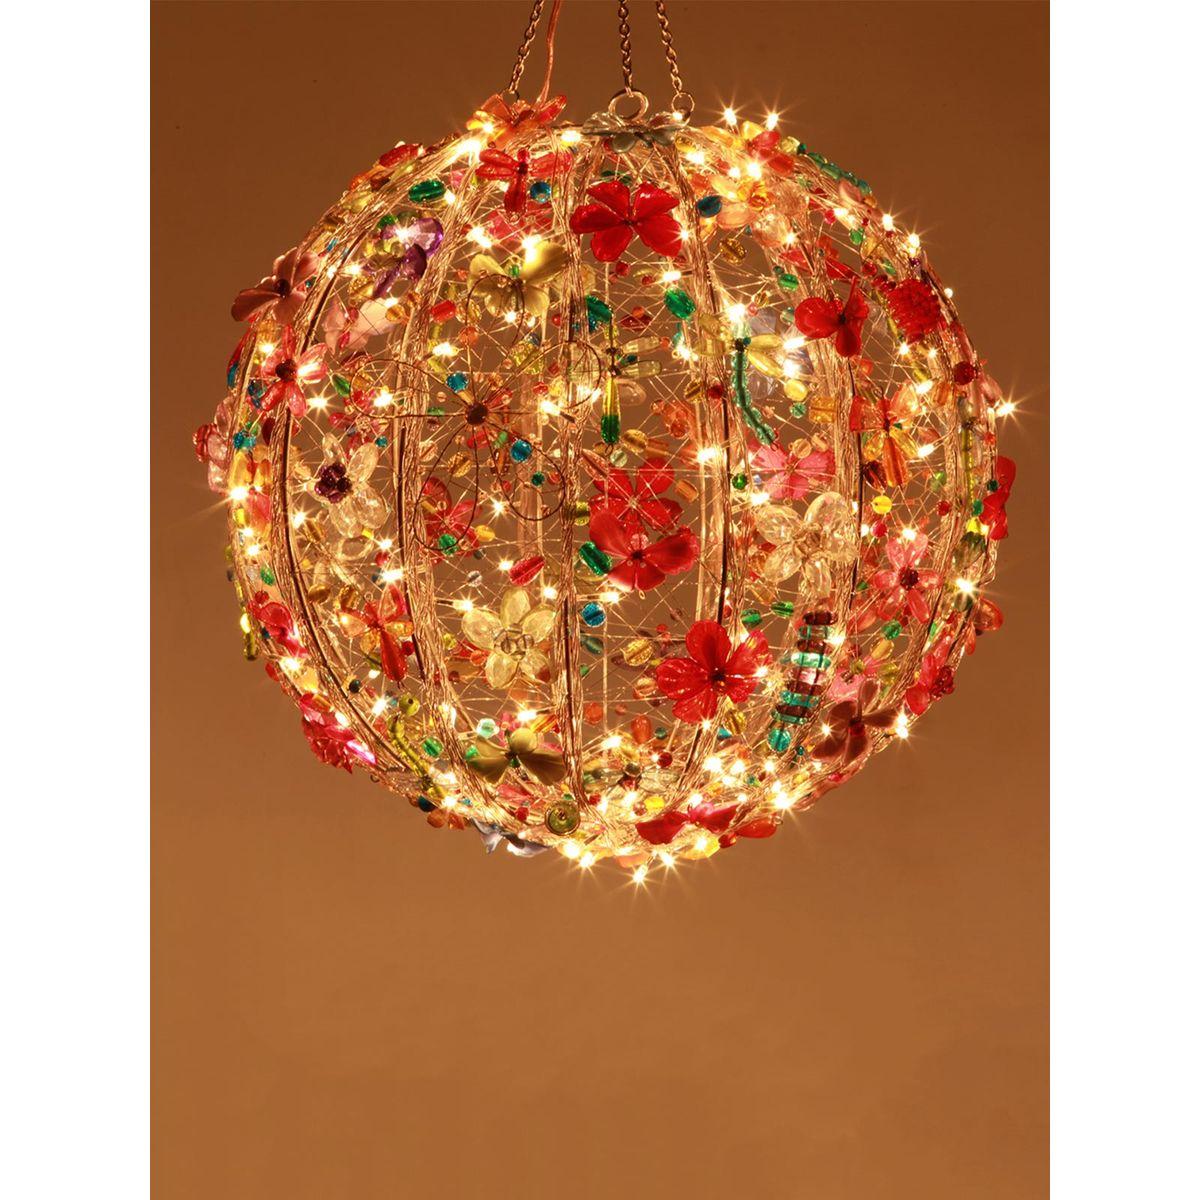 Enchanting Garden Light